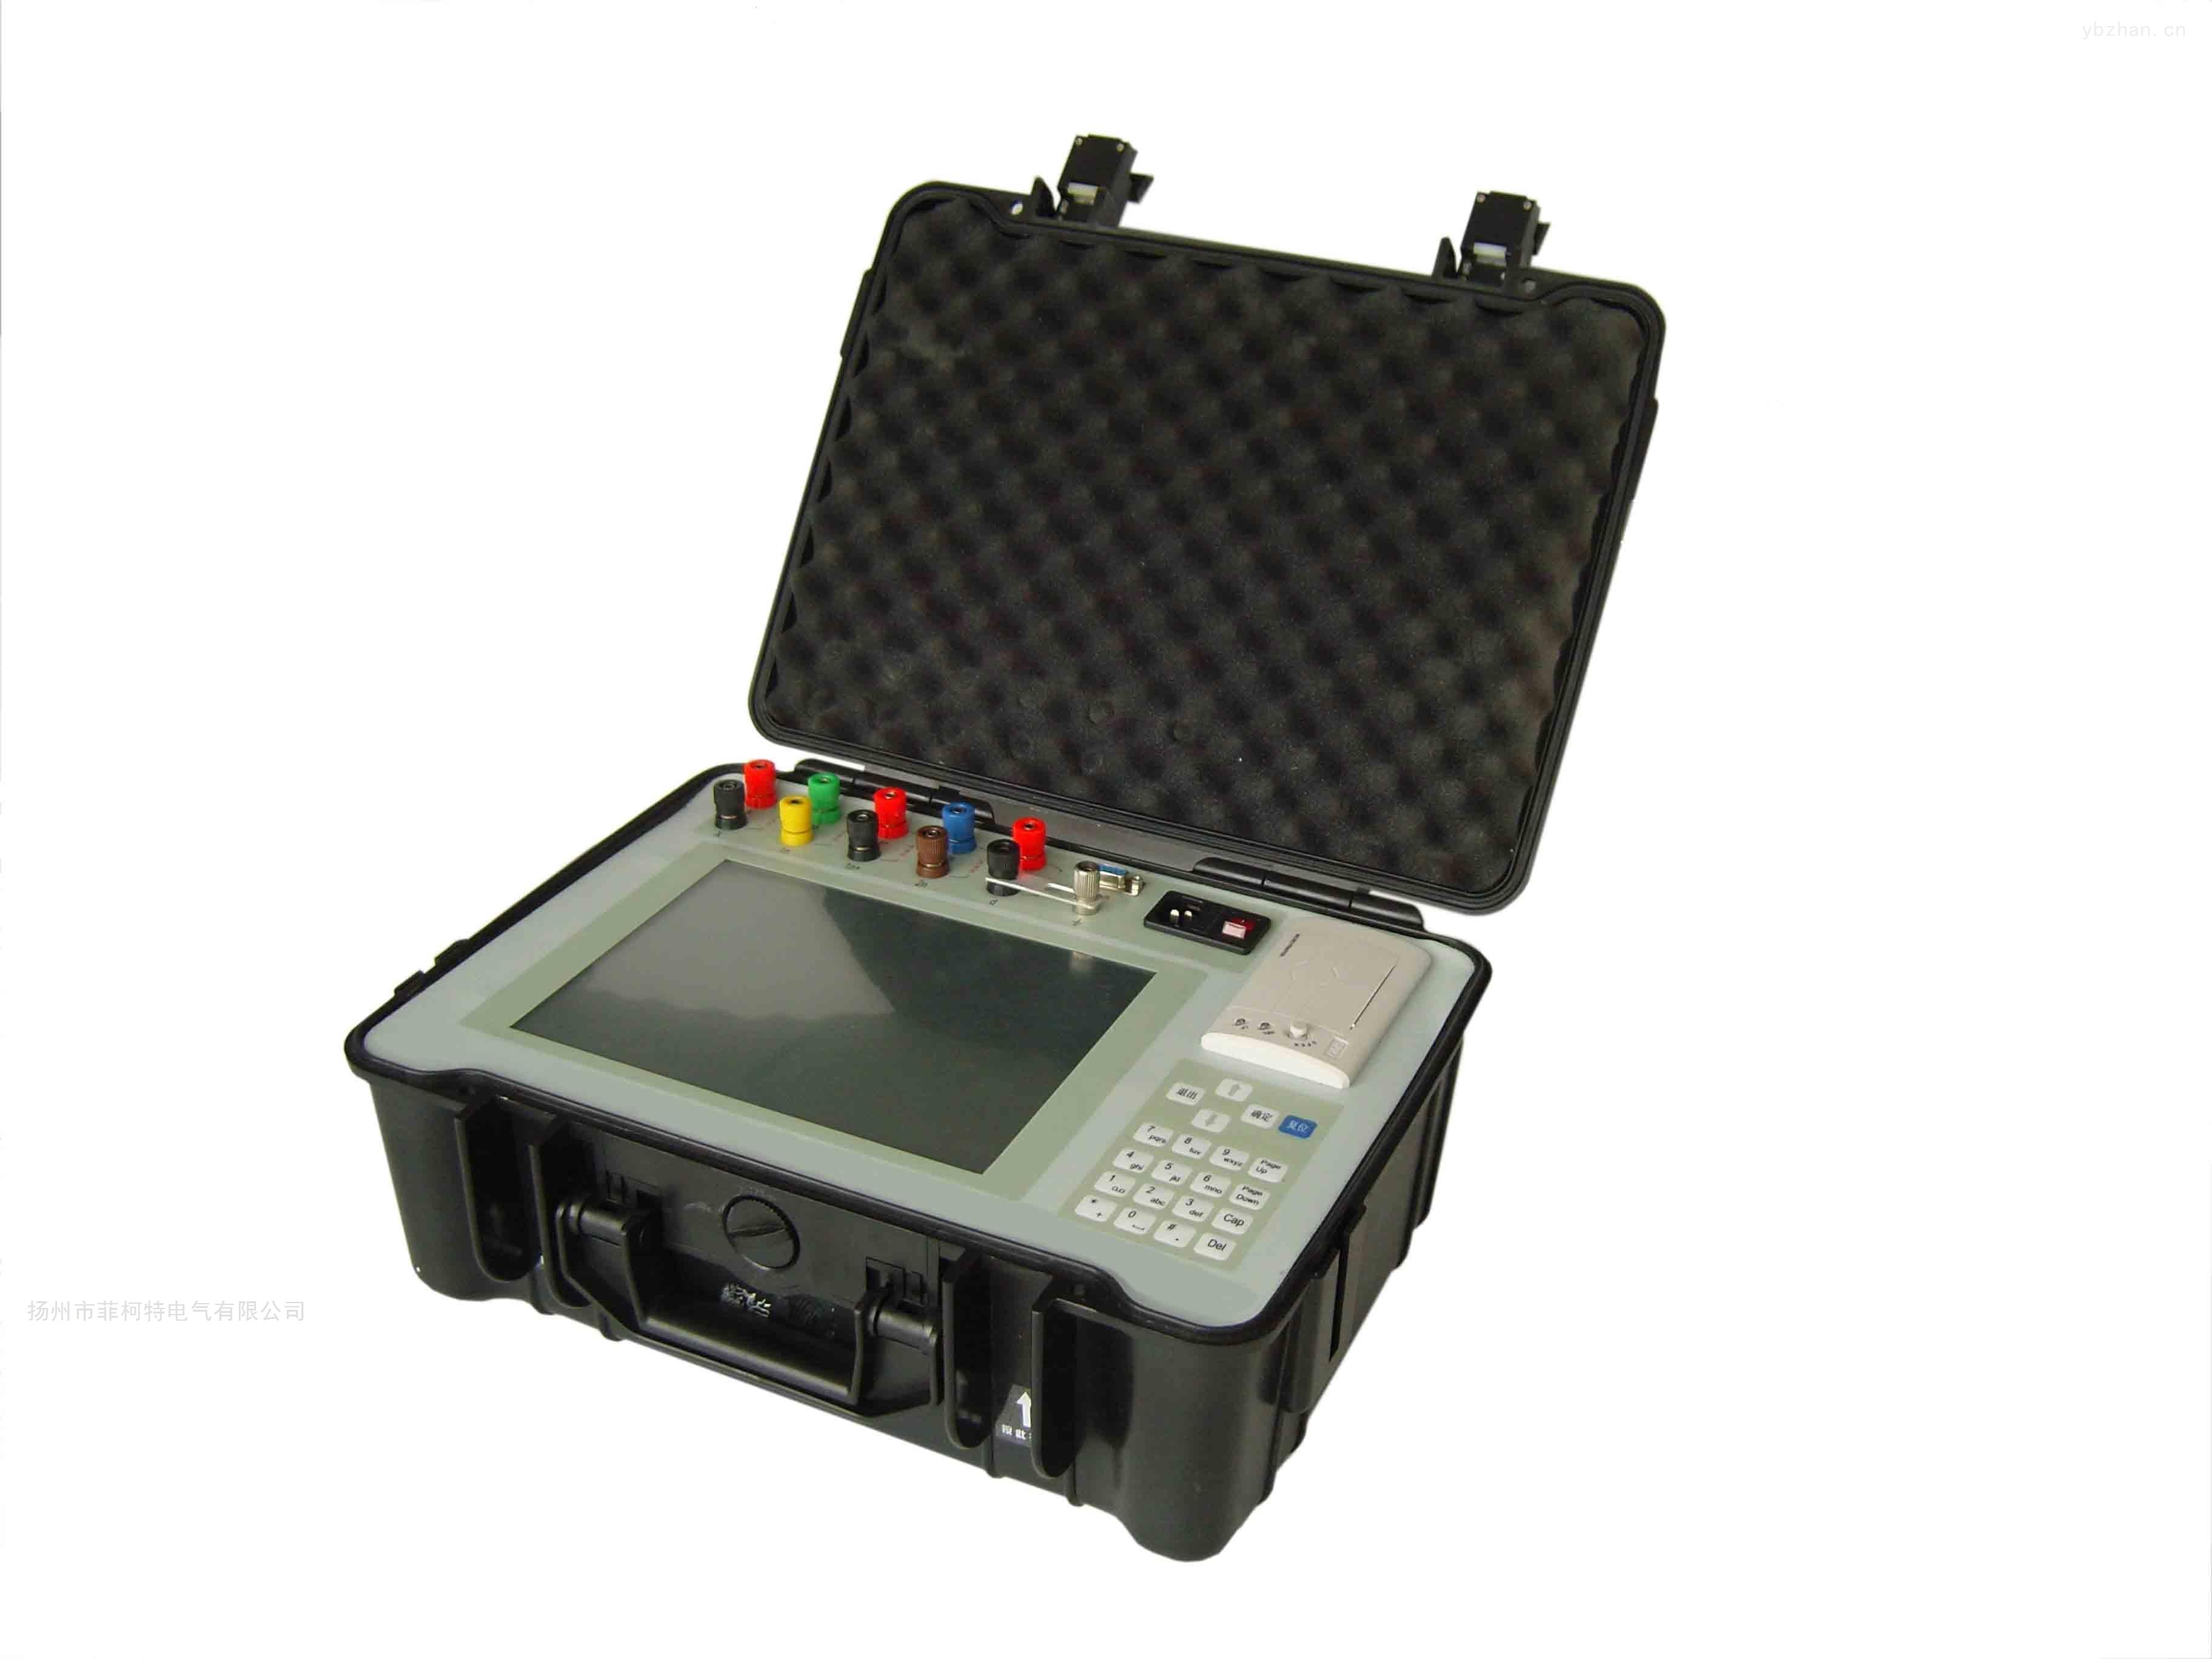 GCHG-3智能型互感器校驗儀參數/廠家/價格